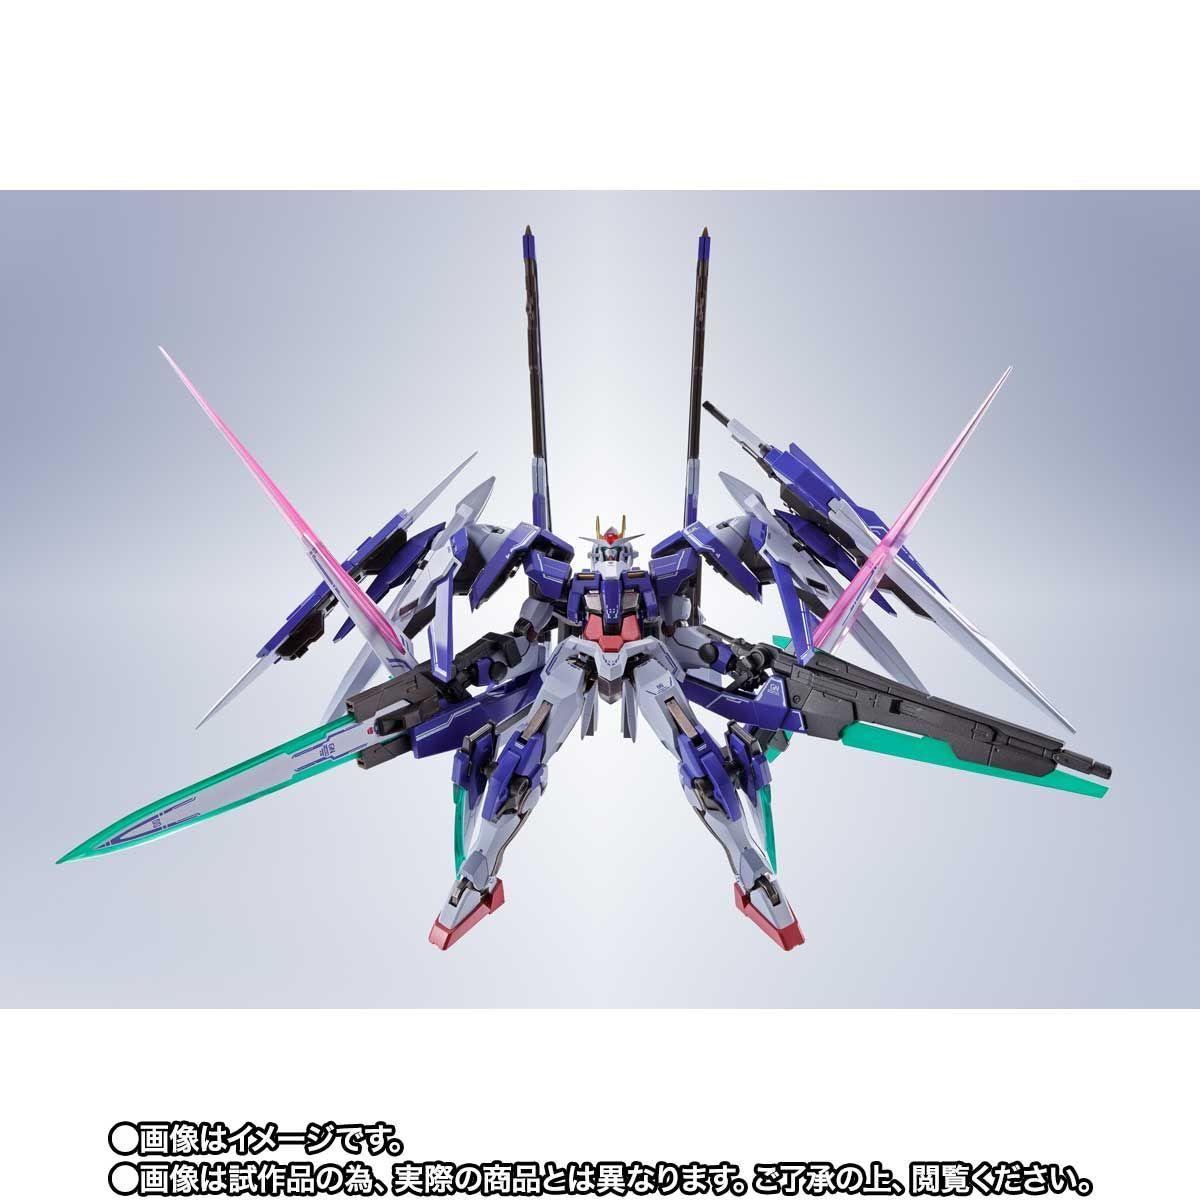 METAL ROBOT魂 ダブルオーザンライザーセブンソード_GNソードIIブラスターセット09